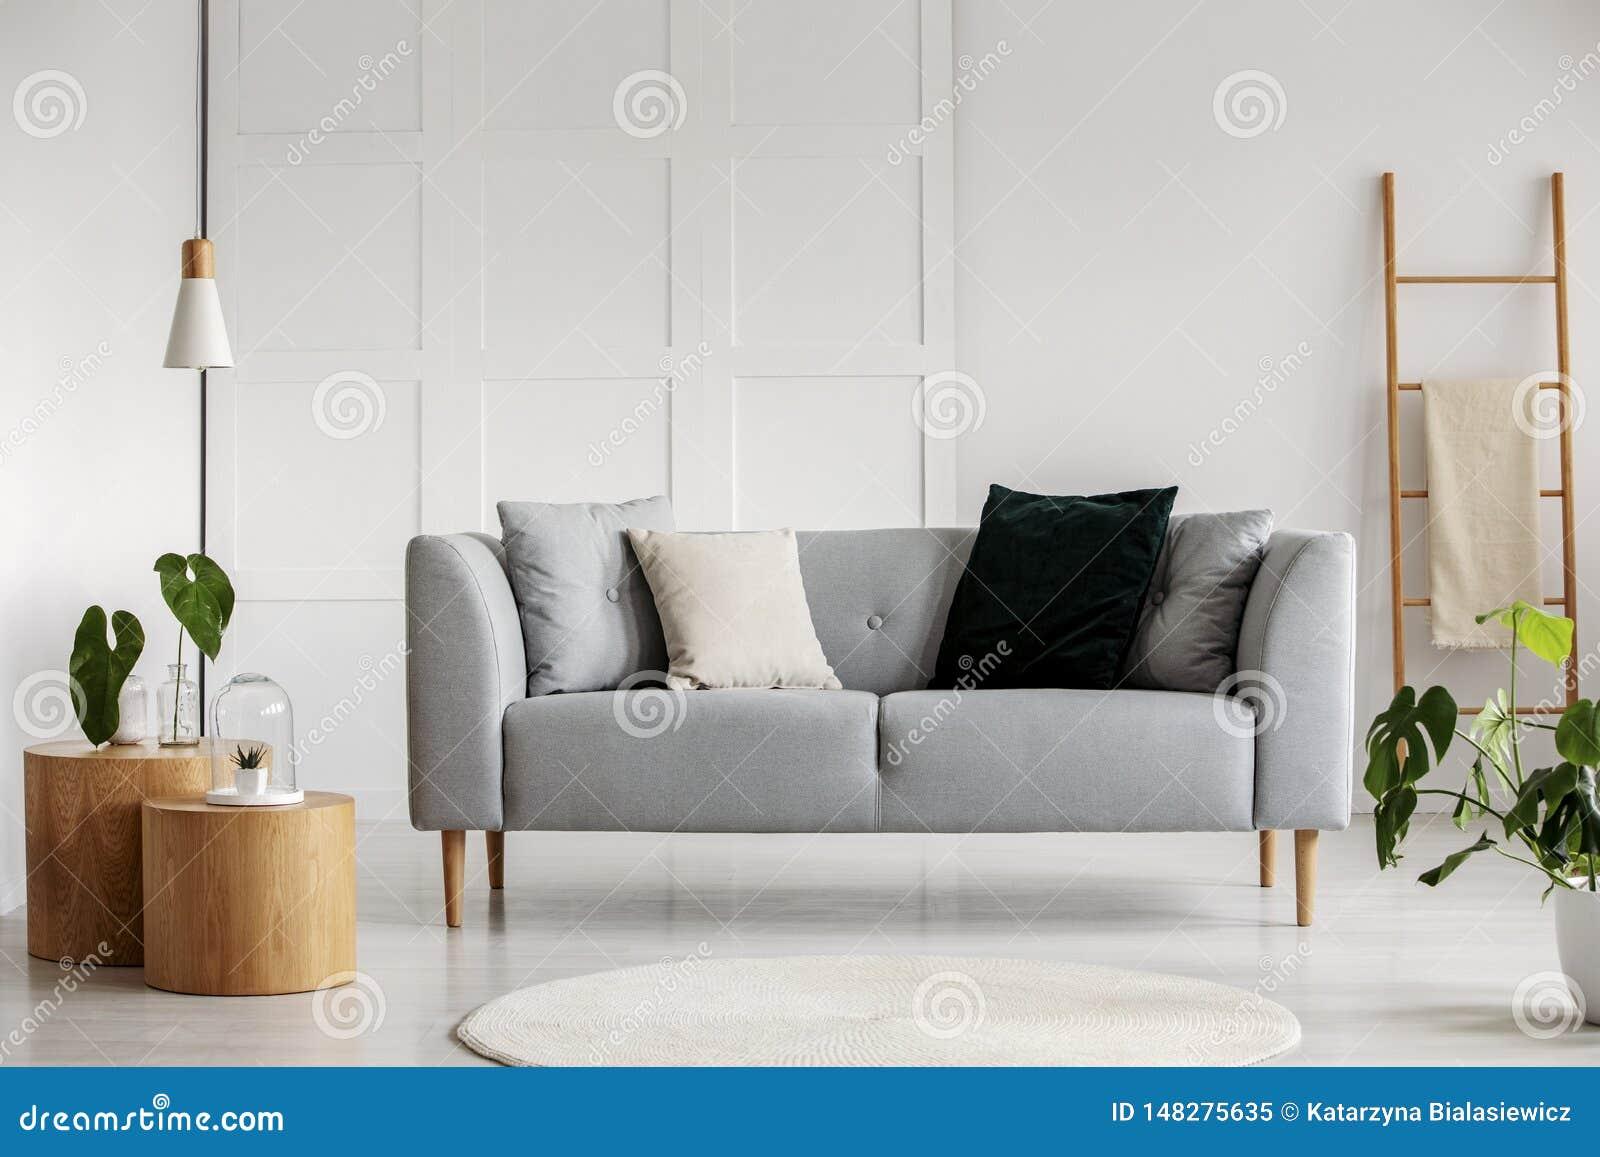 Foto del salone moderno con il sofà grigio